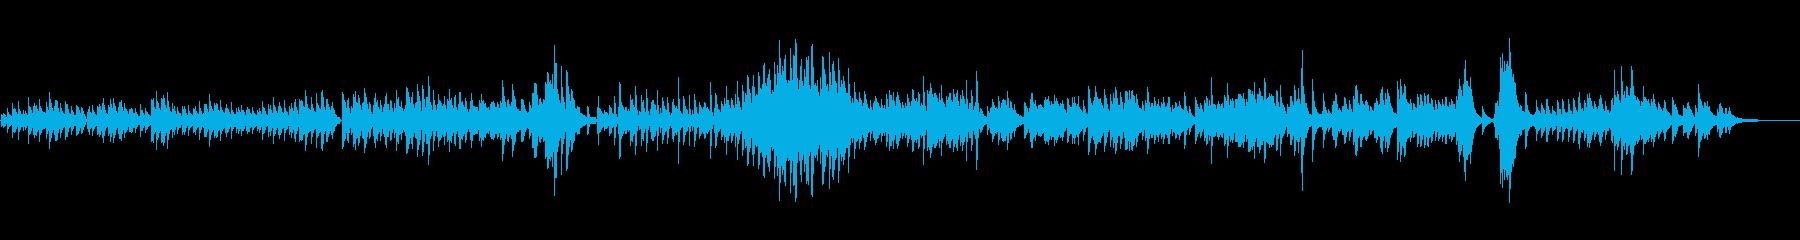 生ピアノソロ・コスモス畑の再生済みの波形